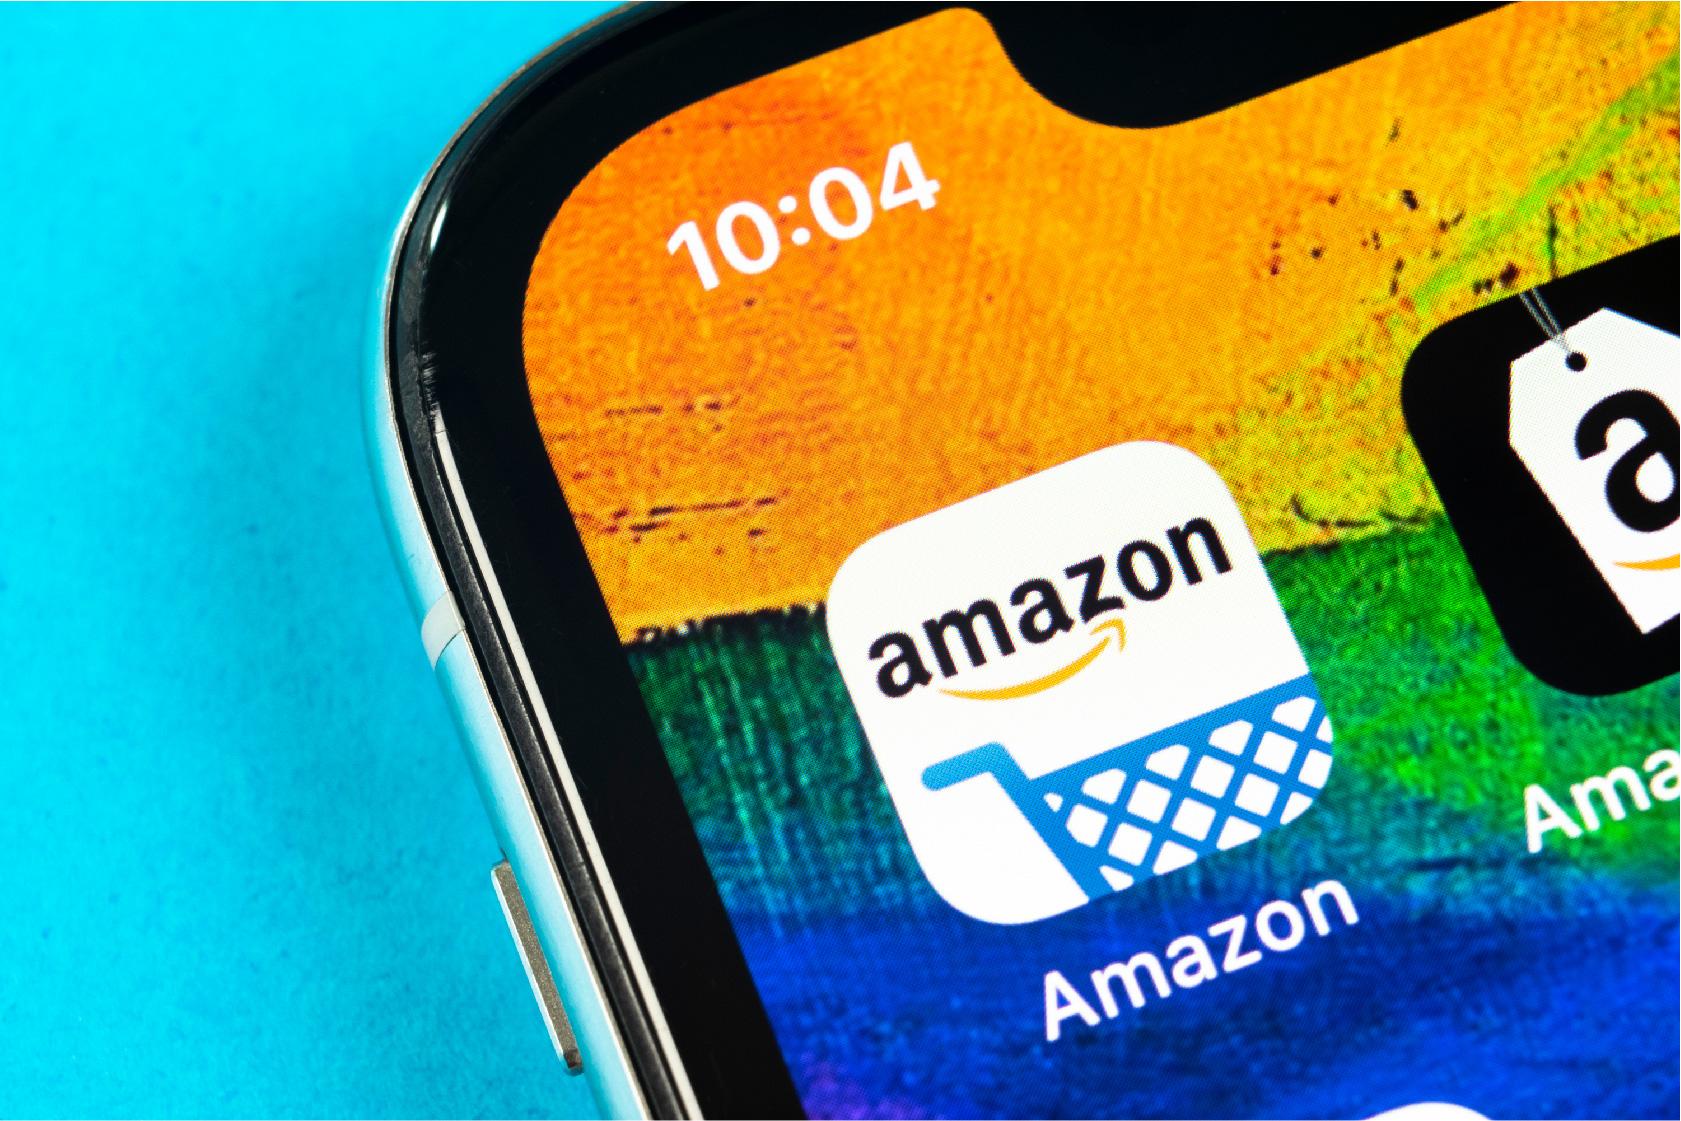 電商大戰|亞馬遜九月將推出時尚電商平台